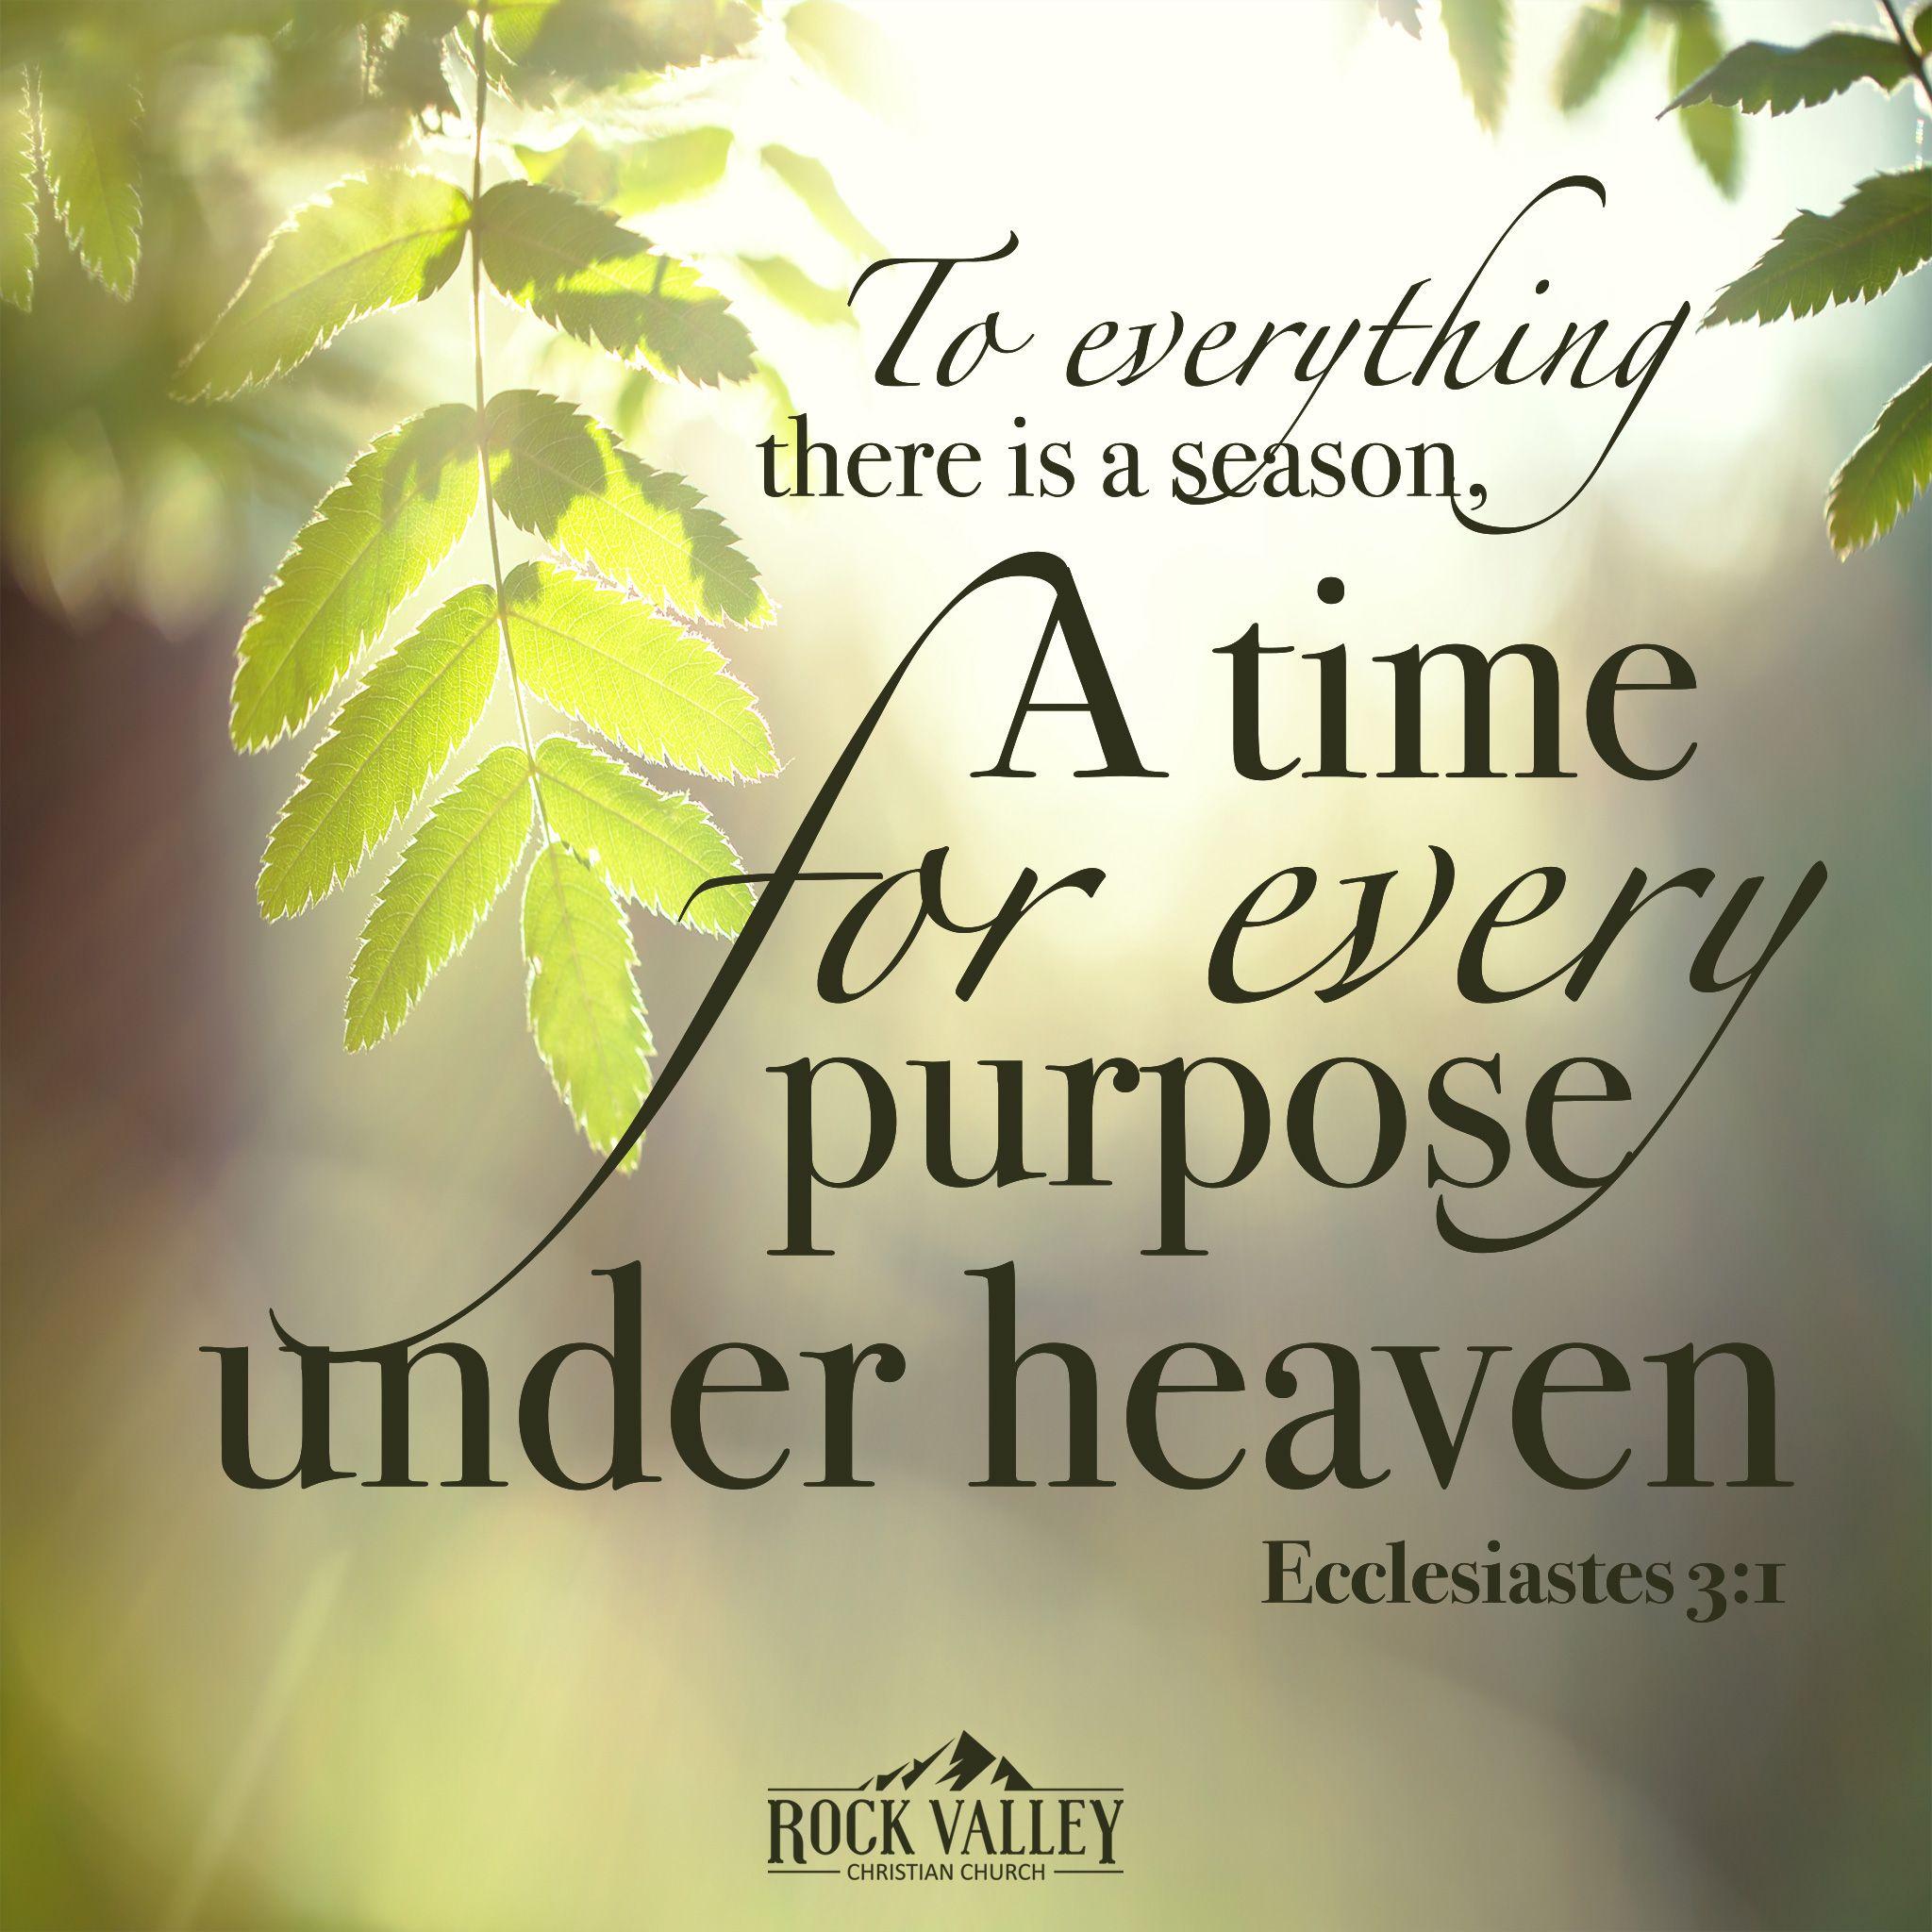 Ecclesiastes quote